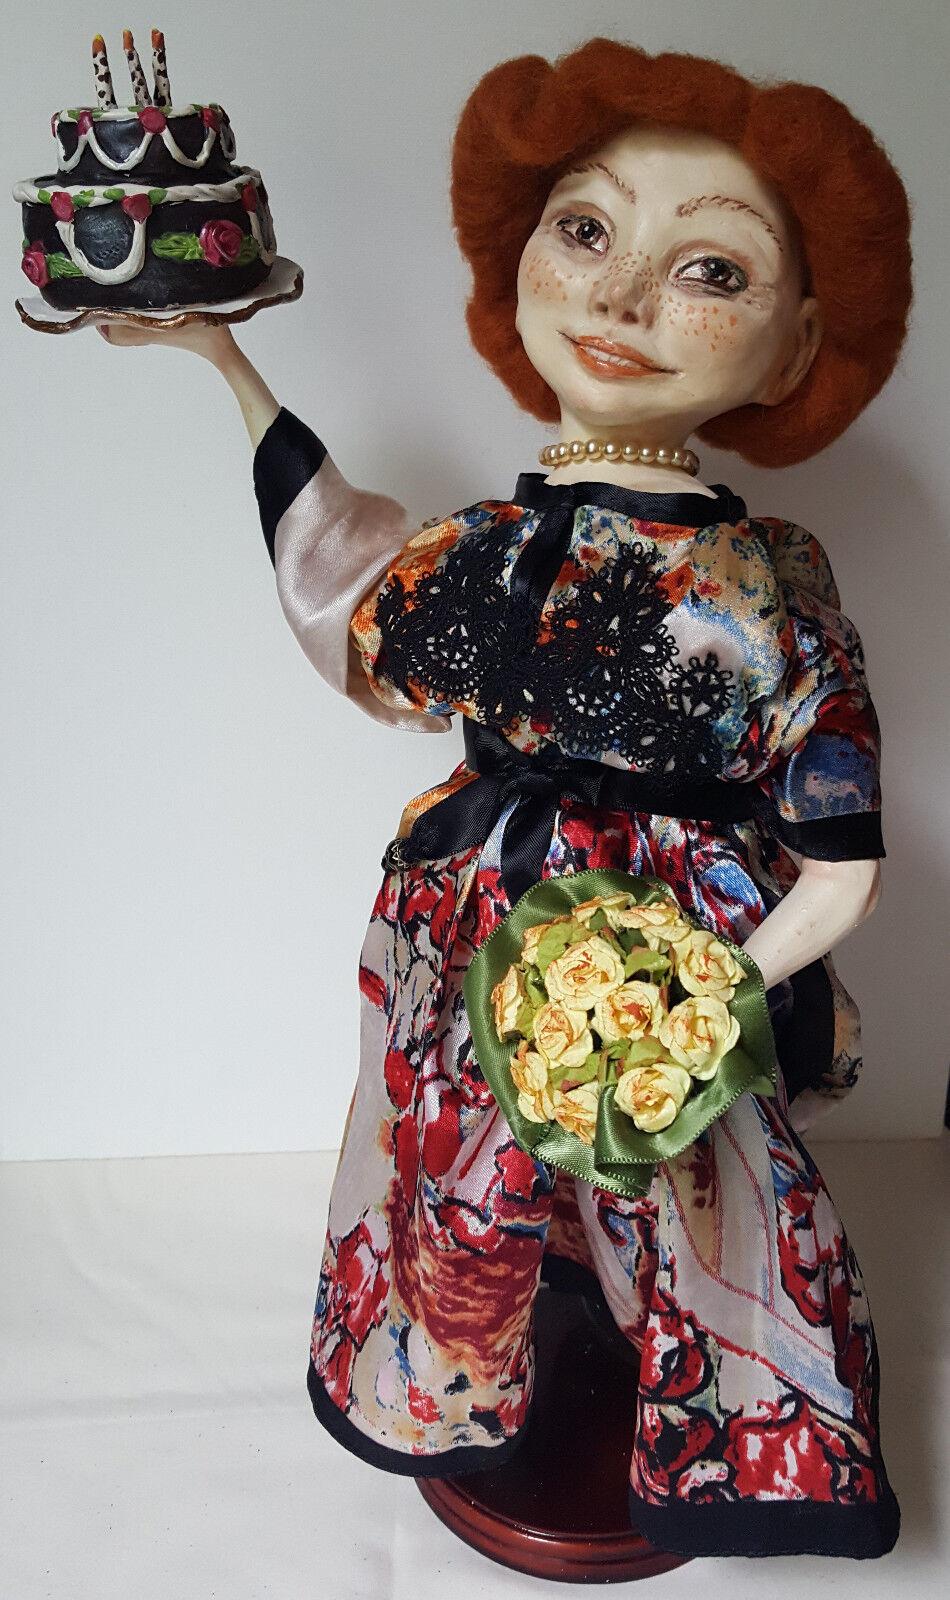 Uno de una tipo muñeca de polímero arcilla  feliz cumpleaños .